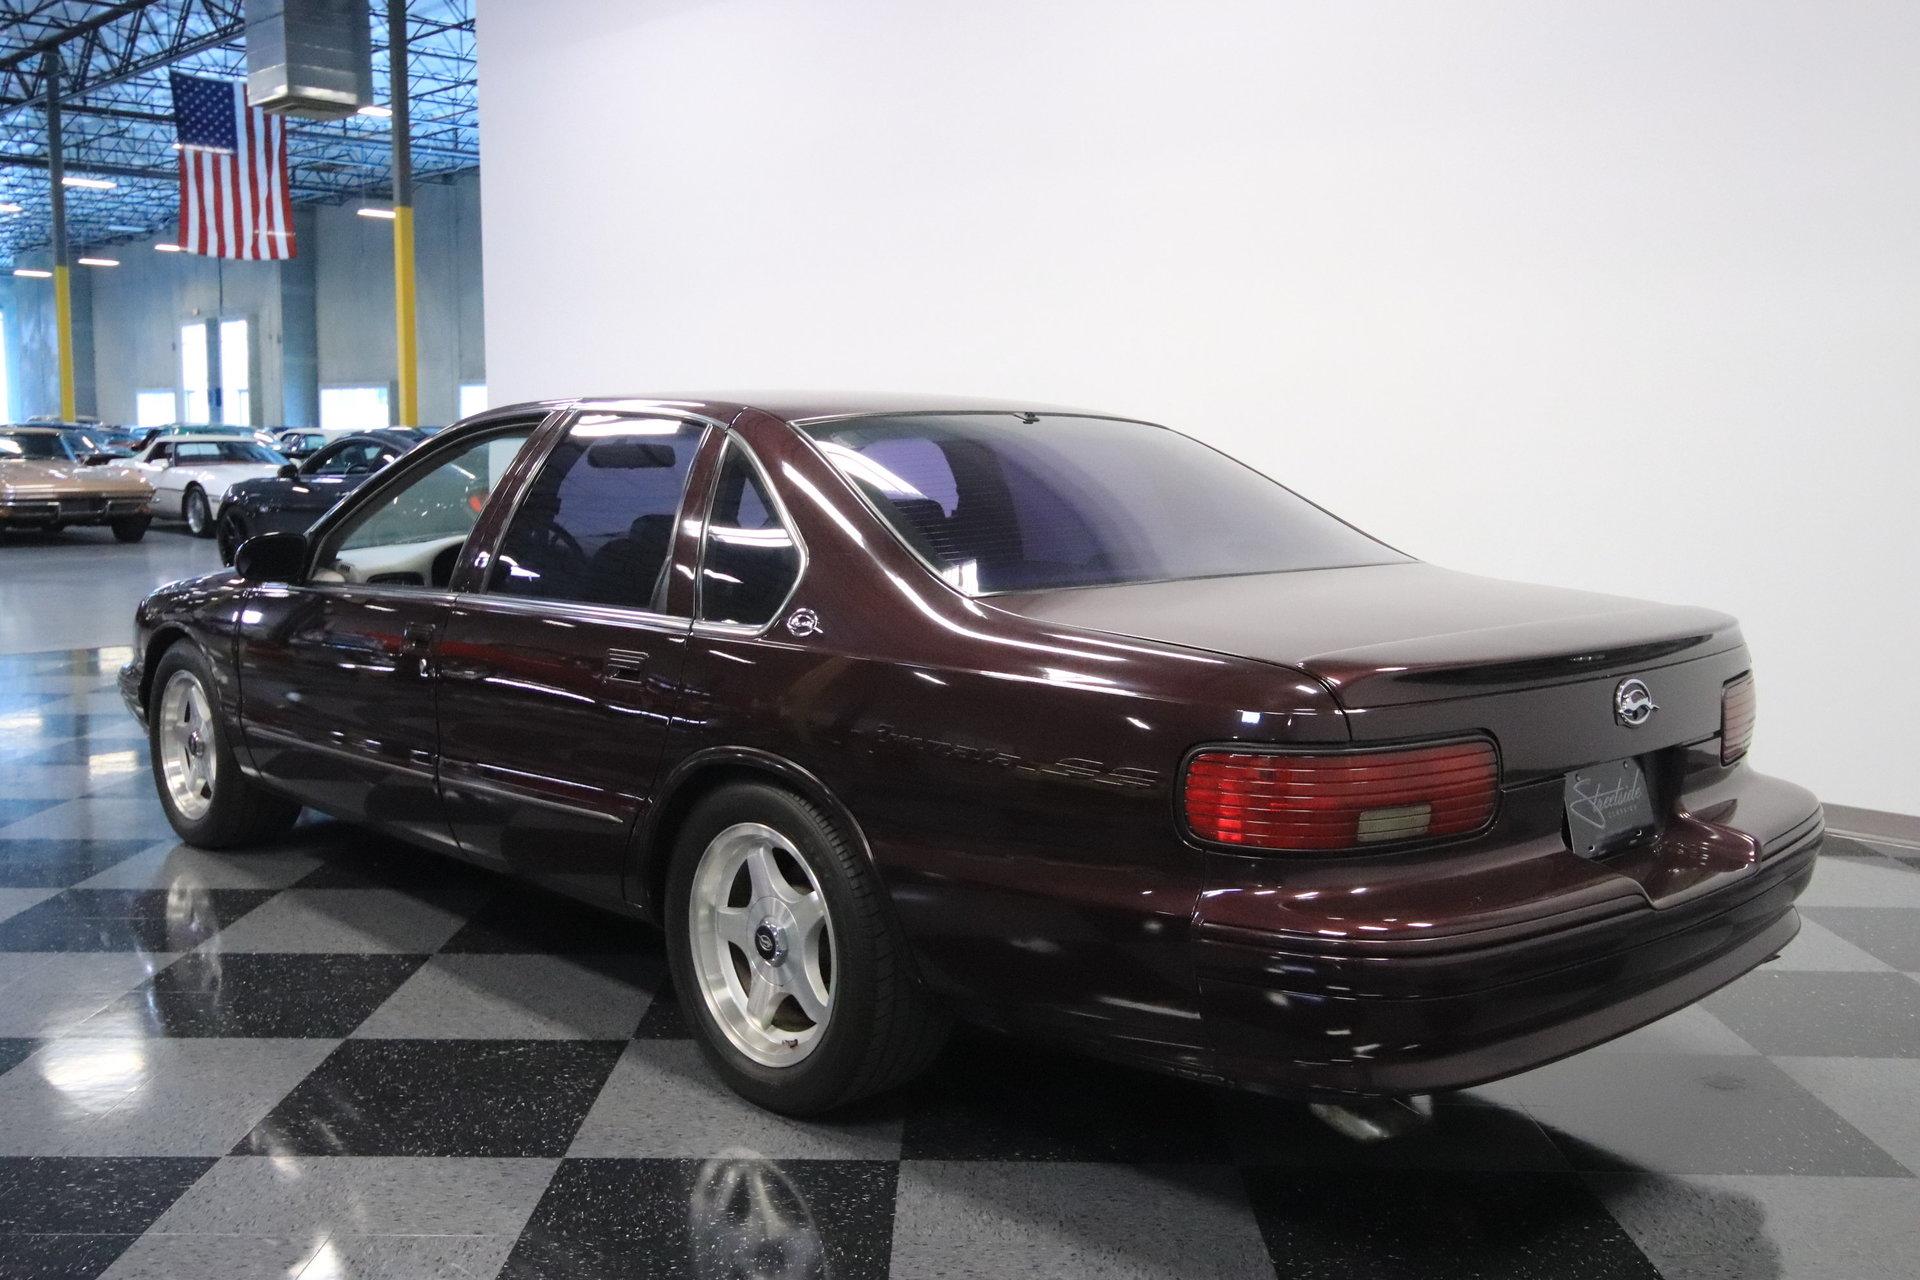 1995 chevrolet impala streetside classics the nation s trusted rh  streetsideclassics com 1996 Impala SS 1997 Impala SS